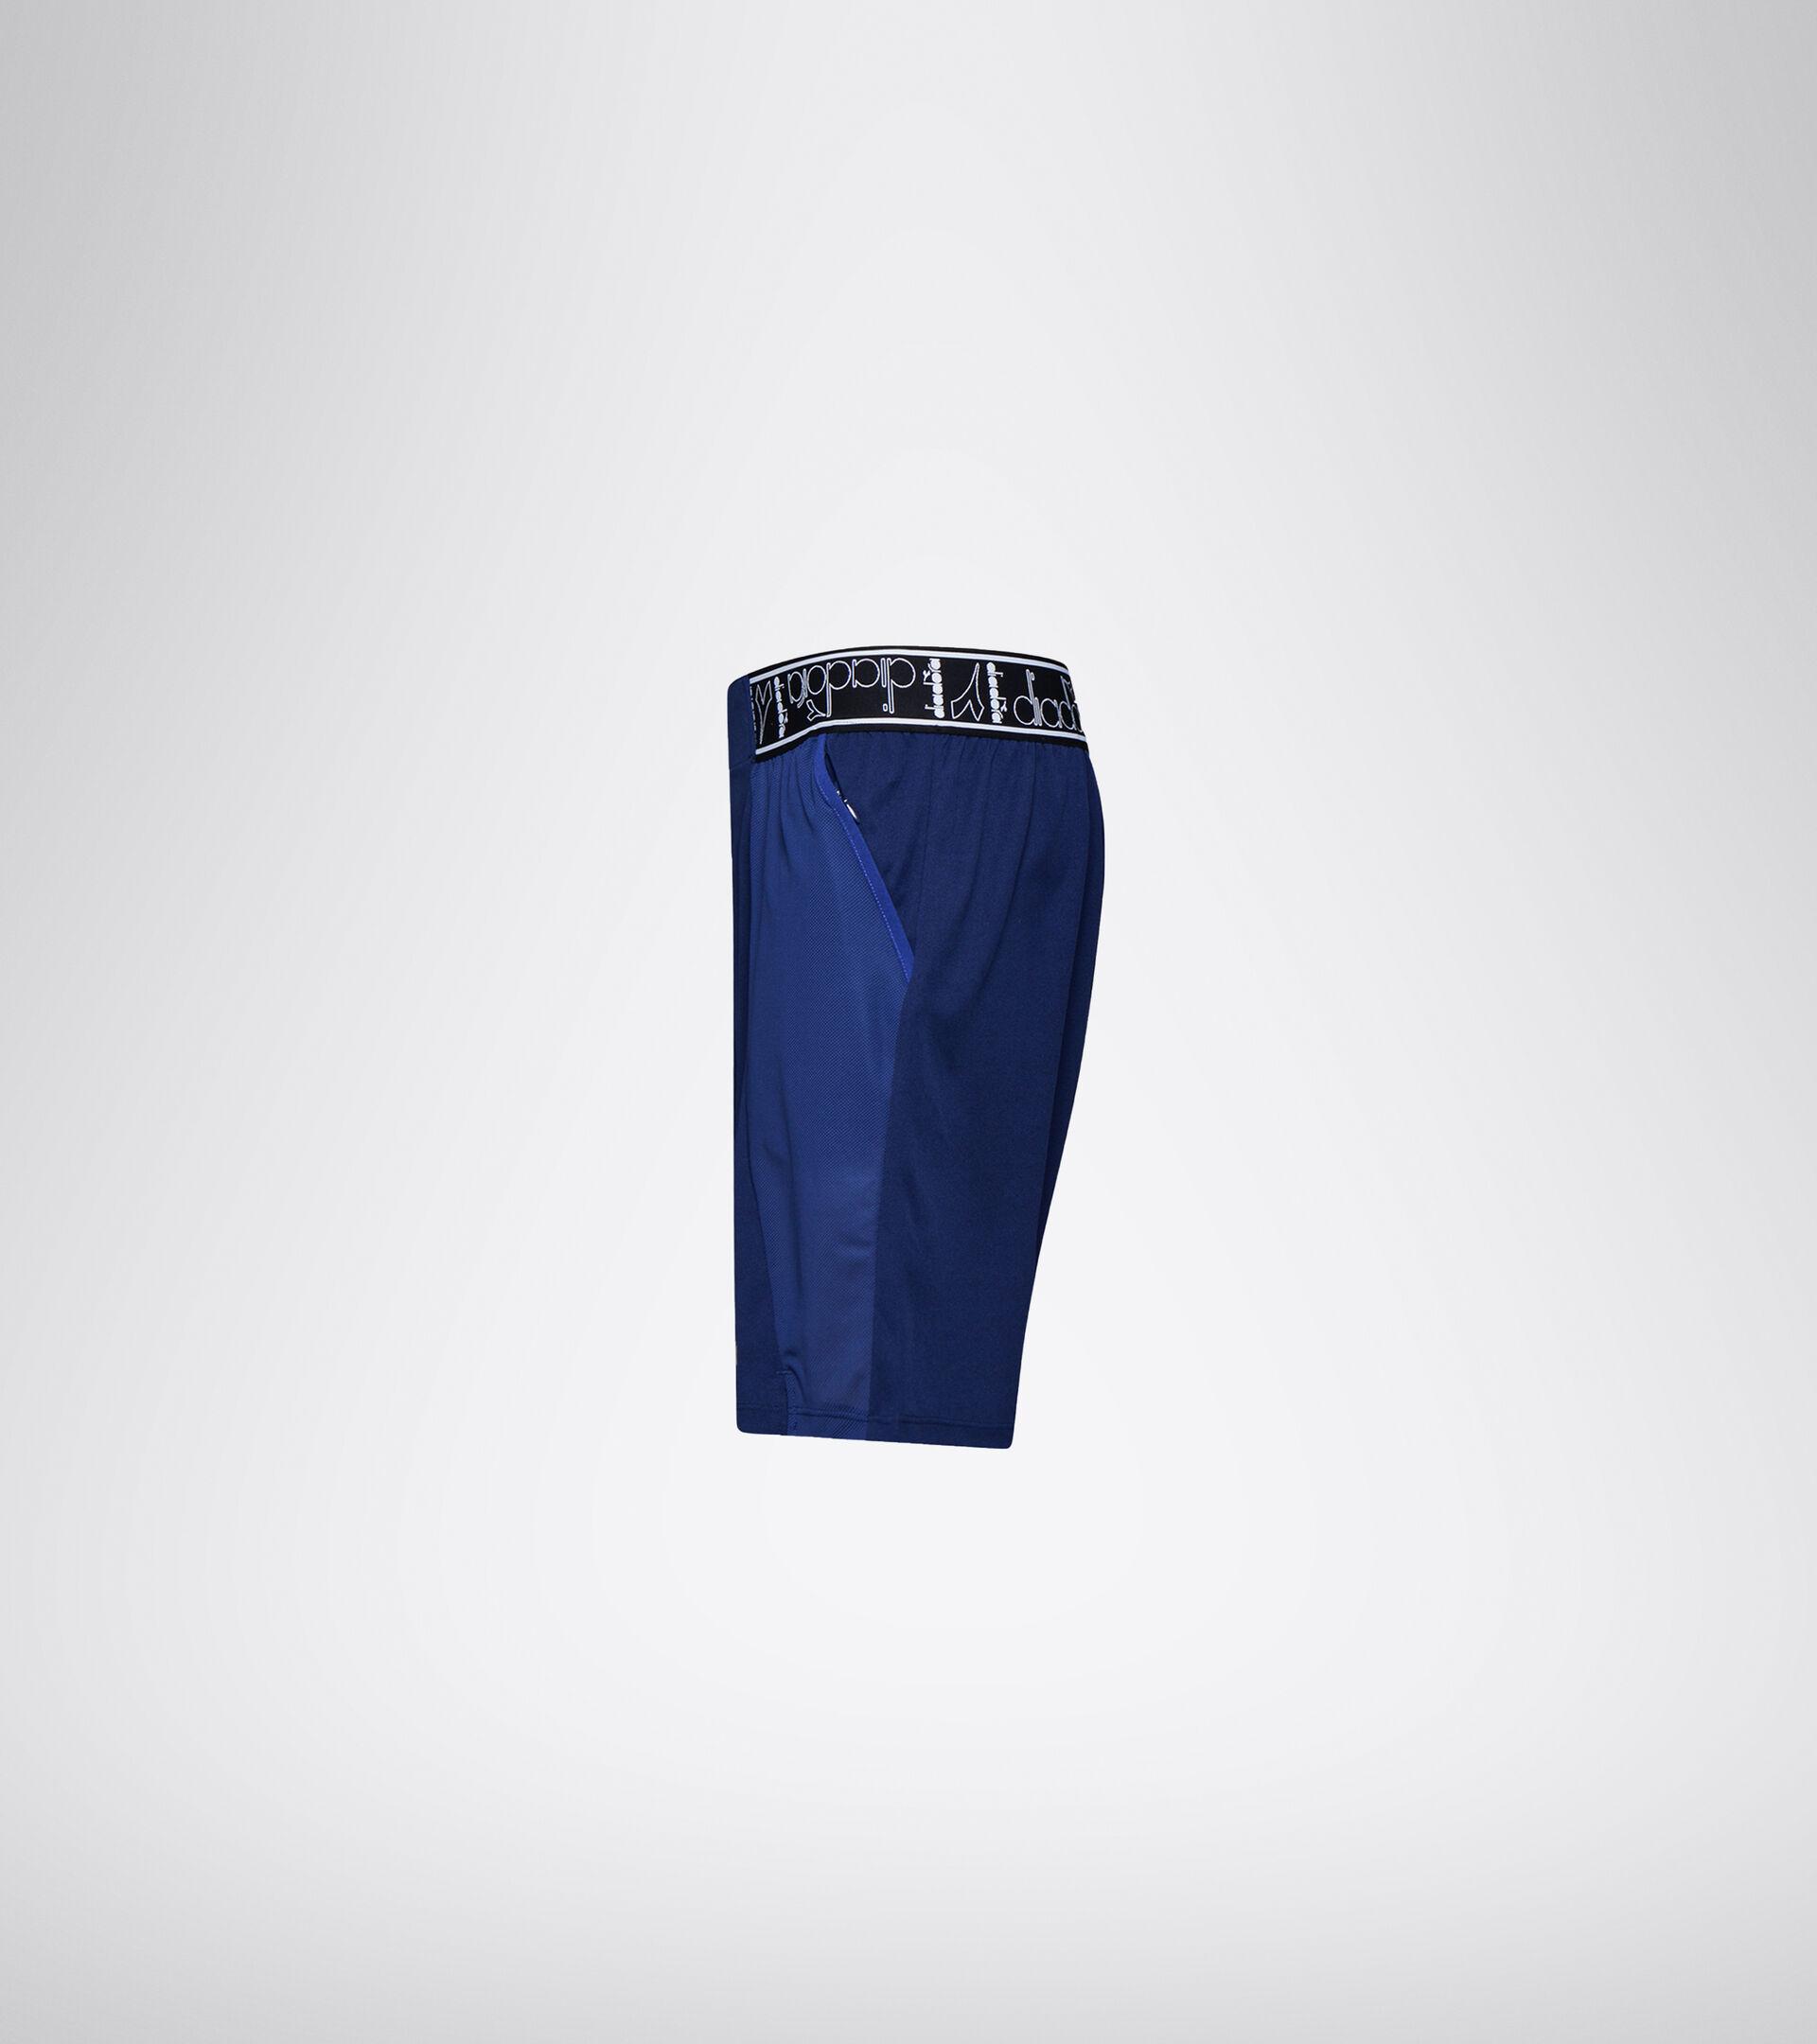 Shorts para correr - Hombre BERMUDA BE ONE CIANOTIPO AZUL - Diadora